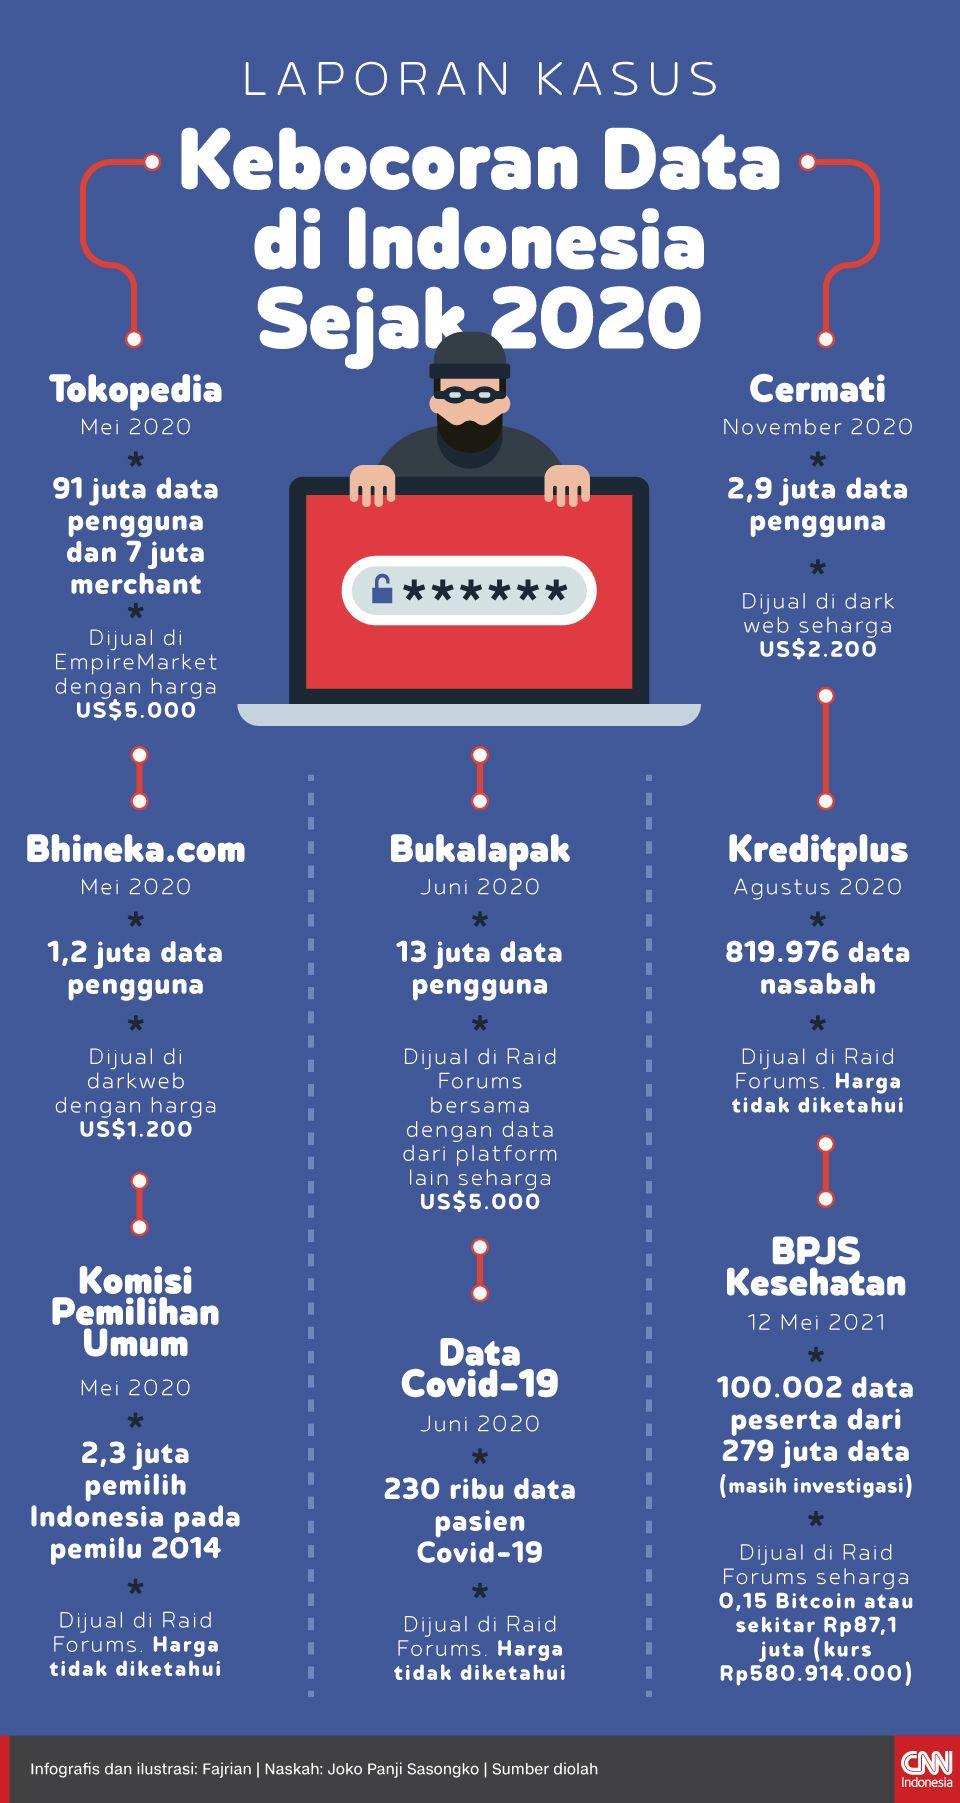 Infografis Kecoboran Data di Indonesia Sejak 2020